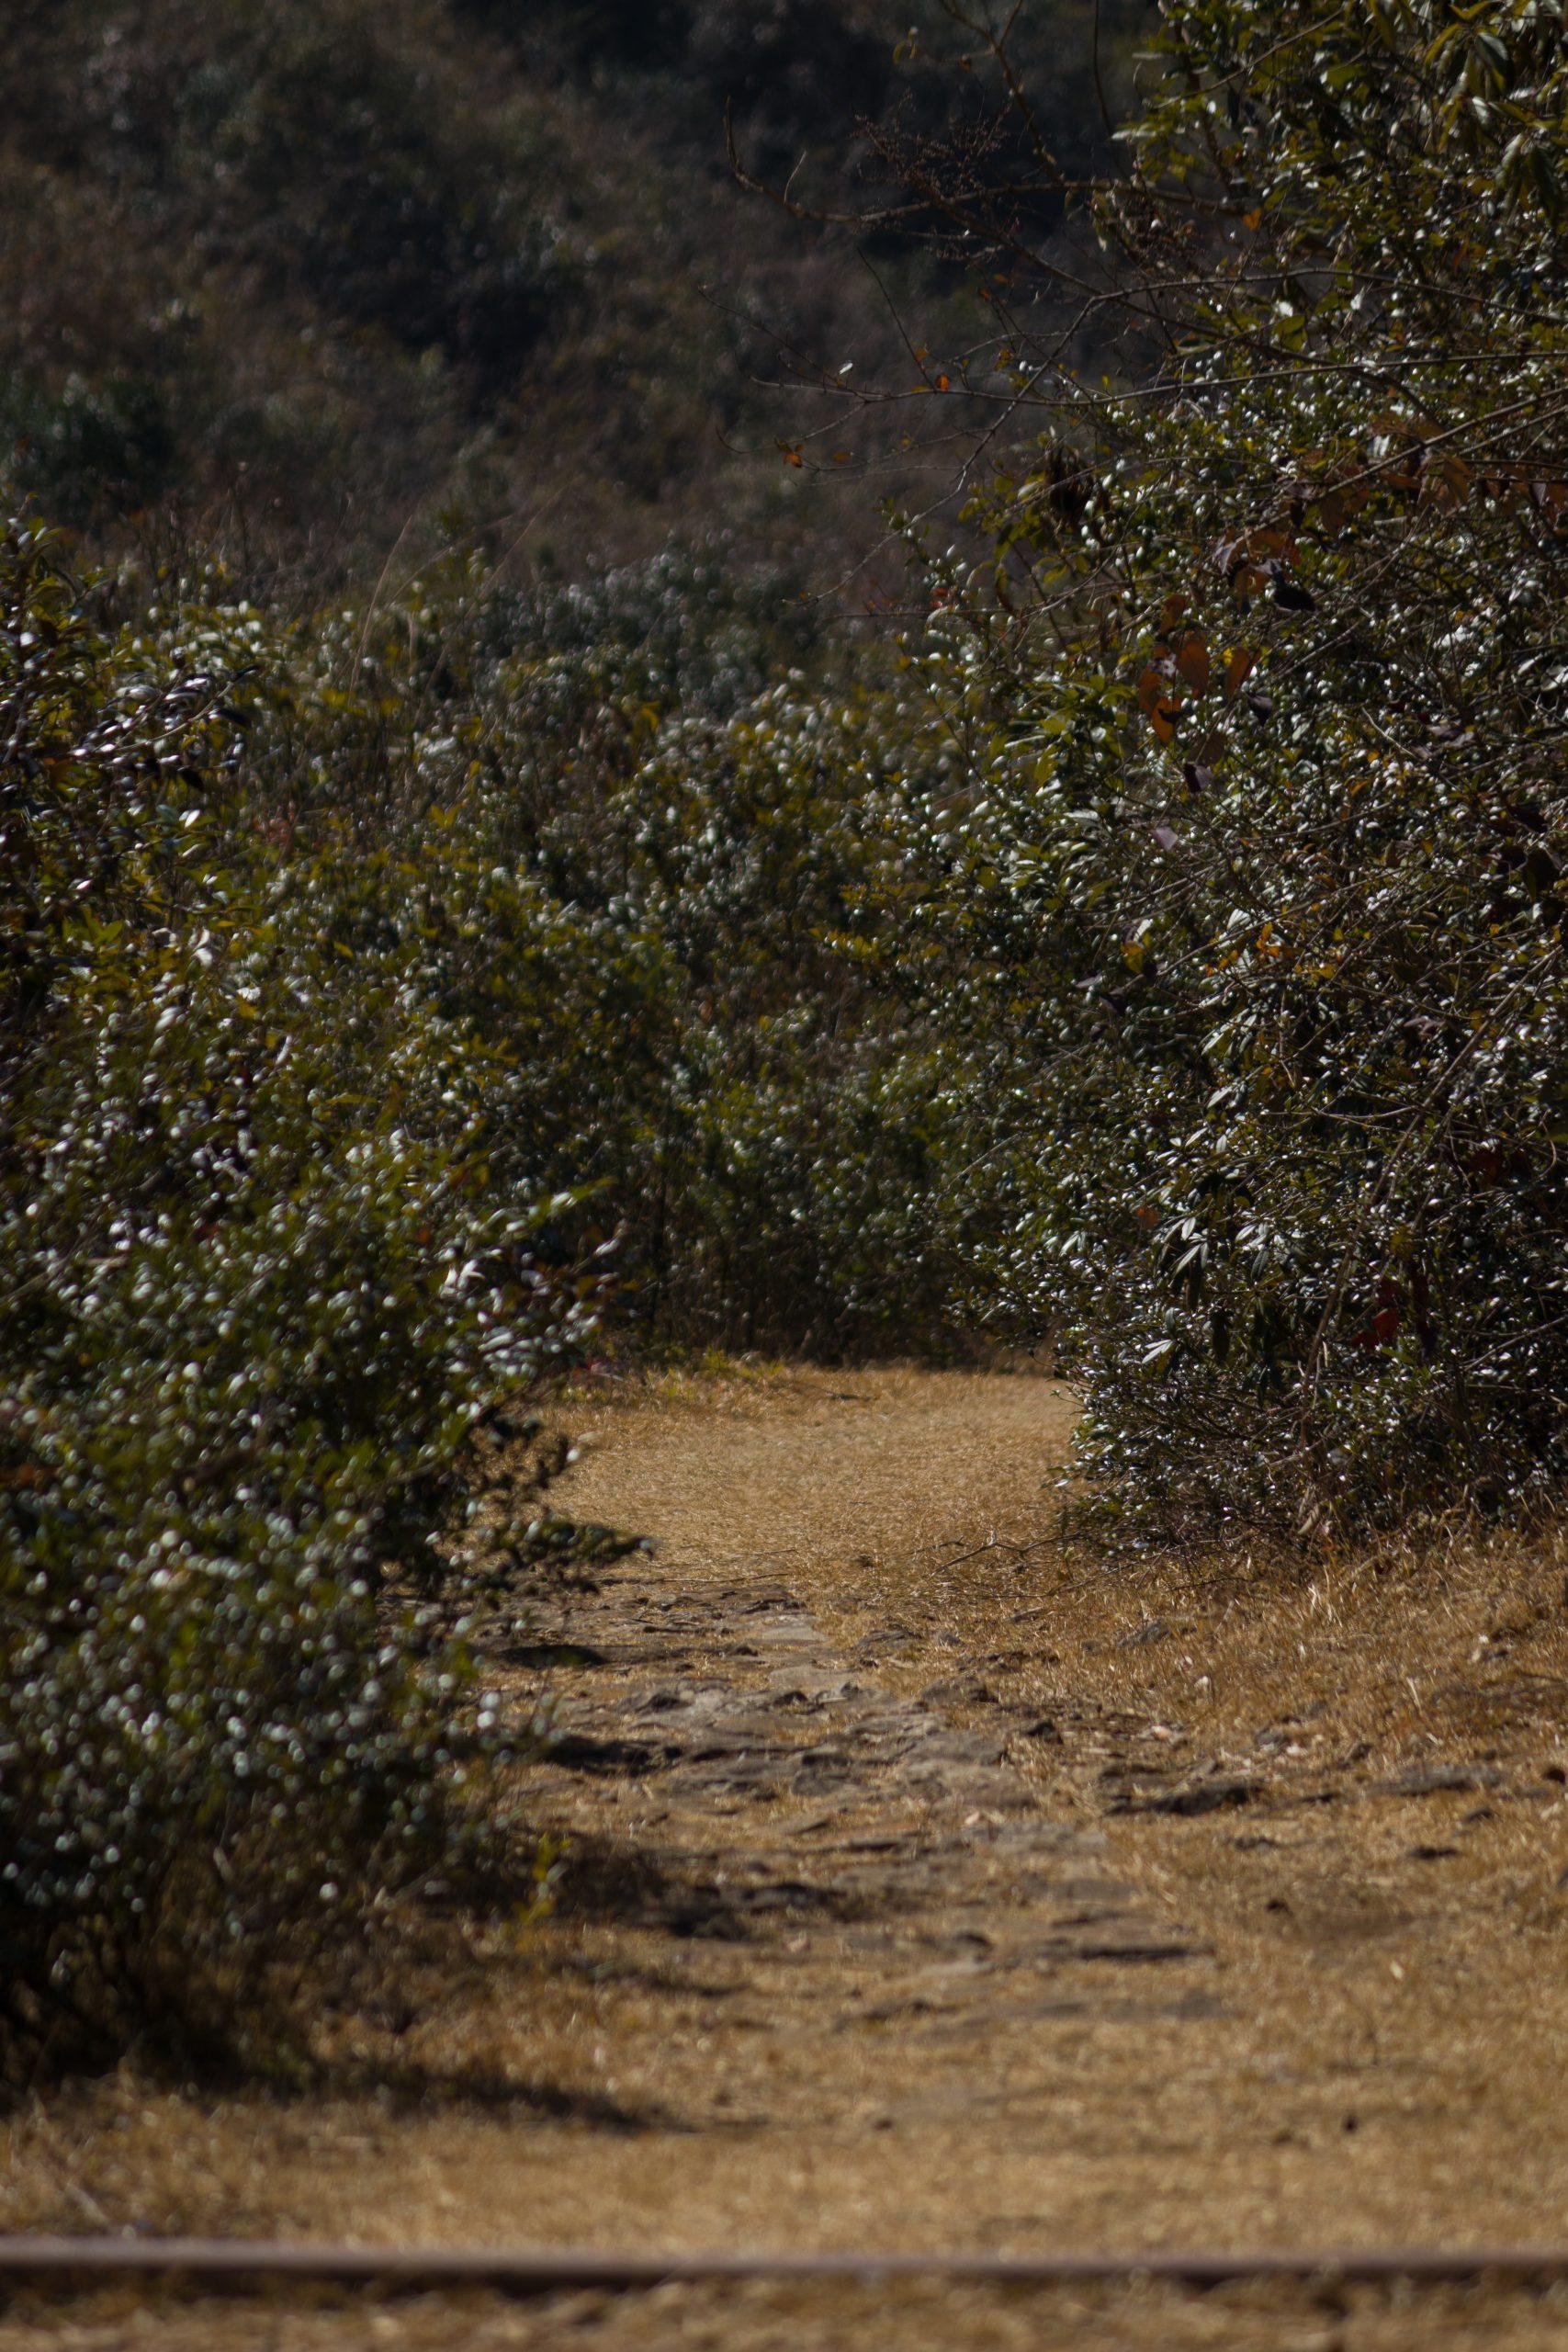 A path through plants